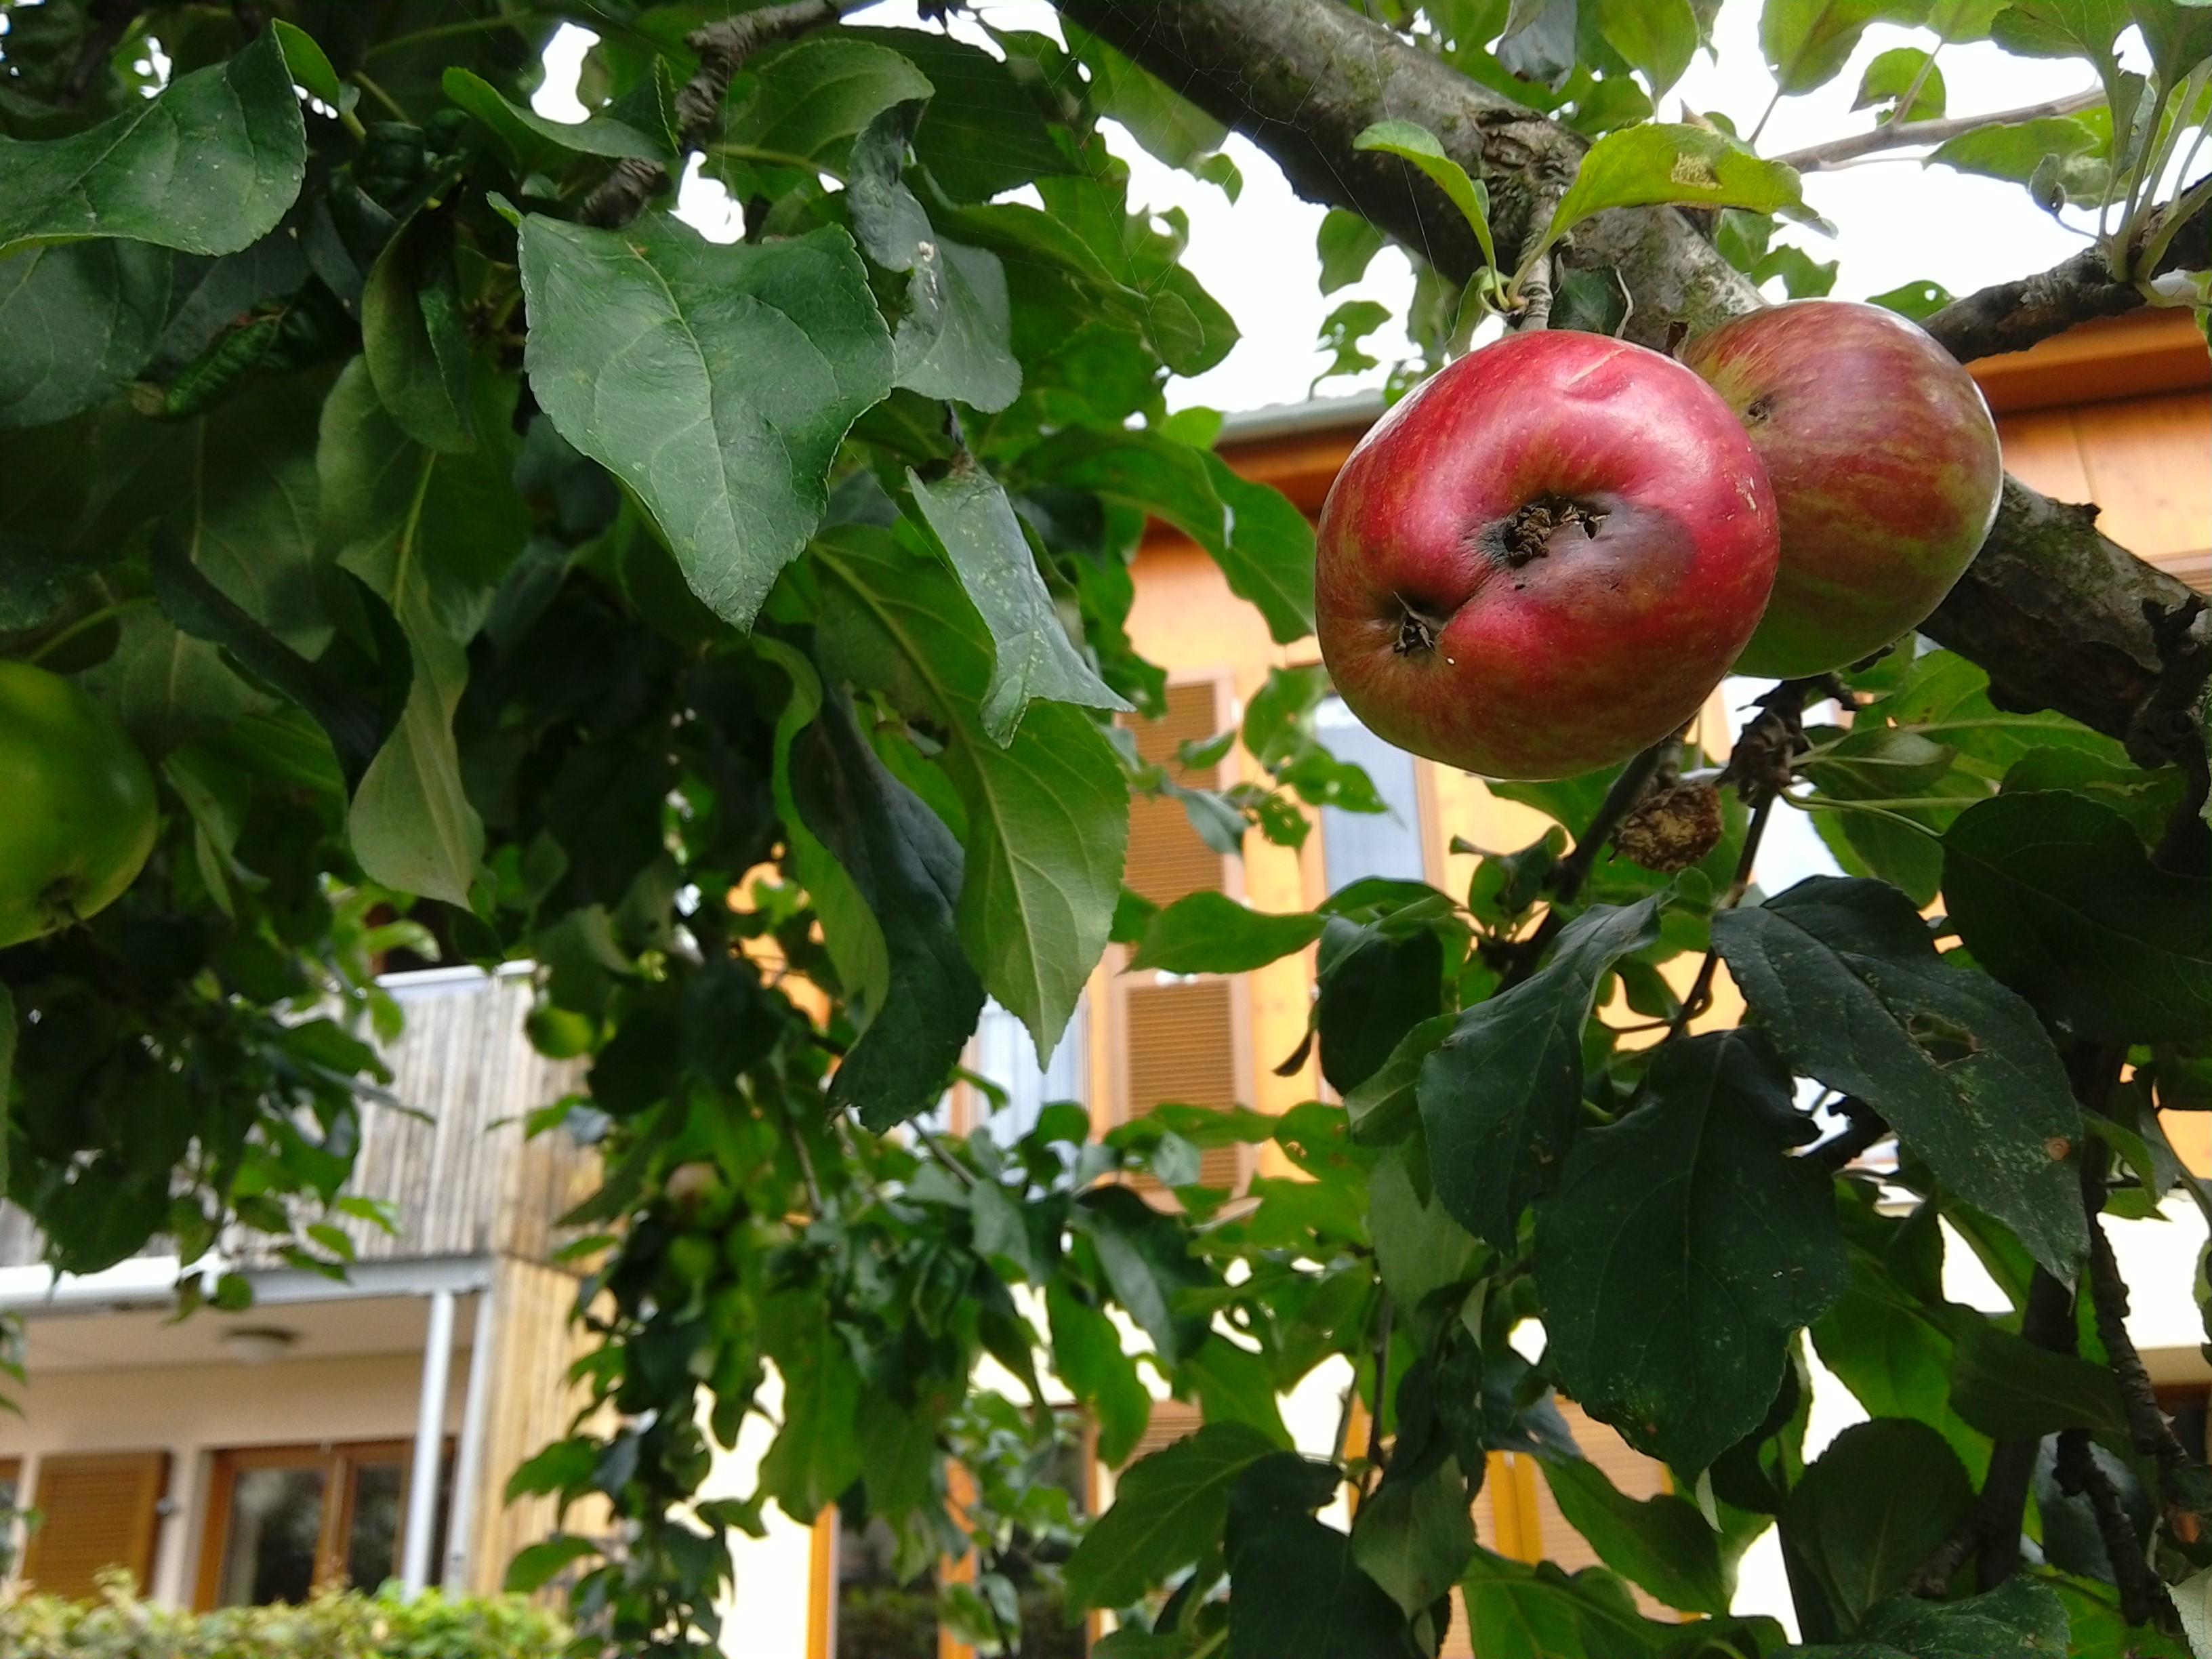 aepfel fallen vorzeitig vom baum befall von apfelwickler pflanzenkrankheiten sch dlinge. Black Bedroom Furniture Sets. Home Design Ideas